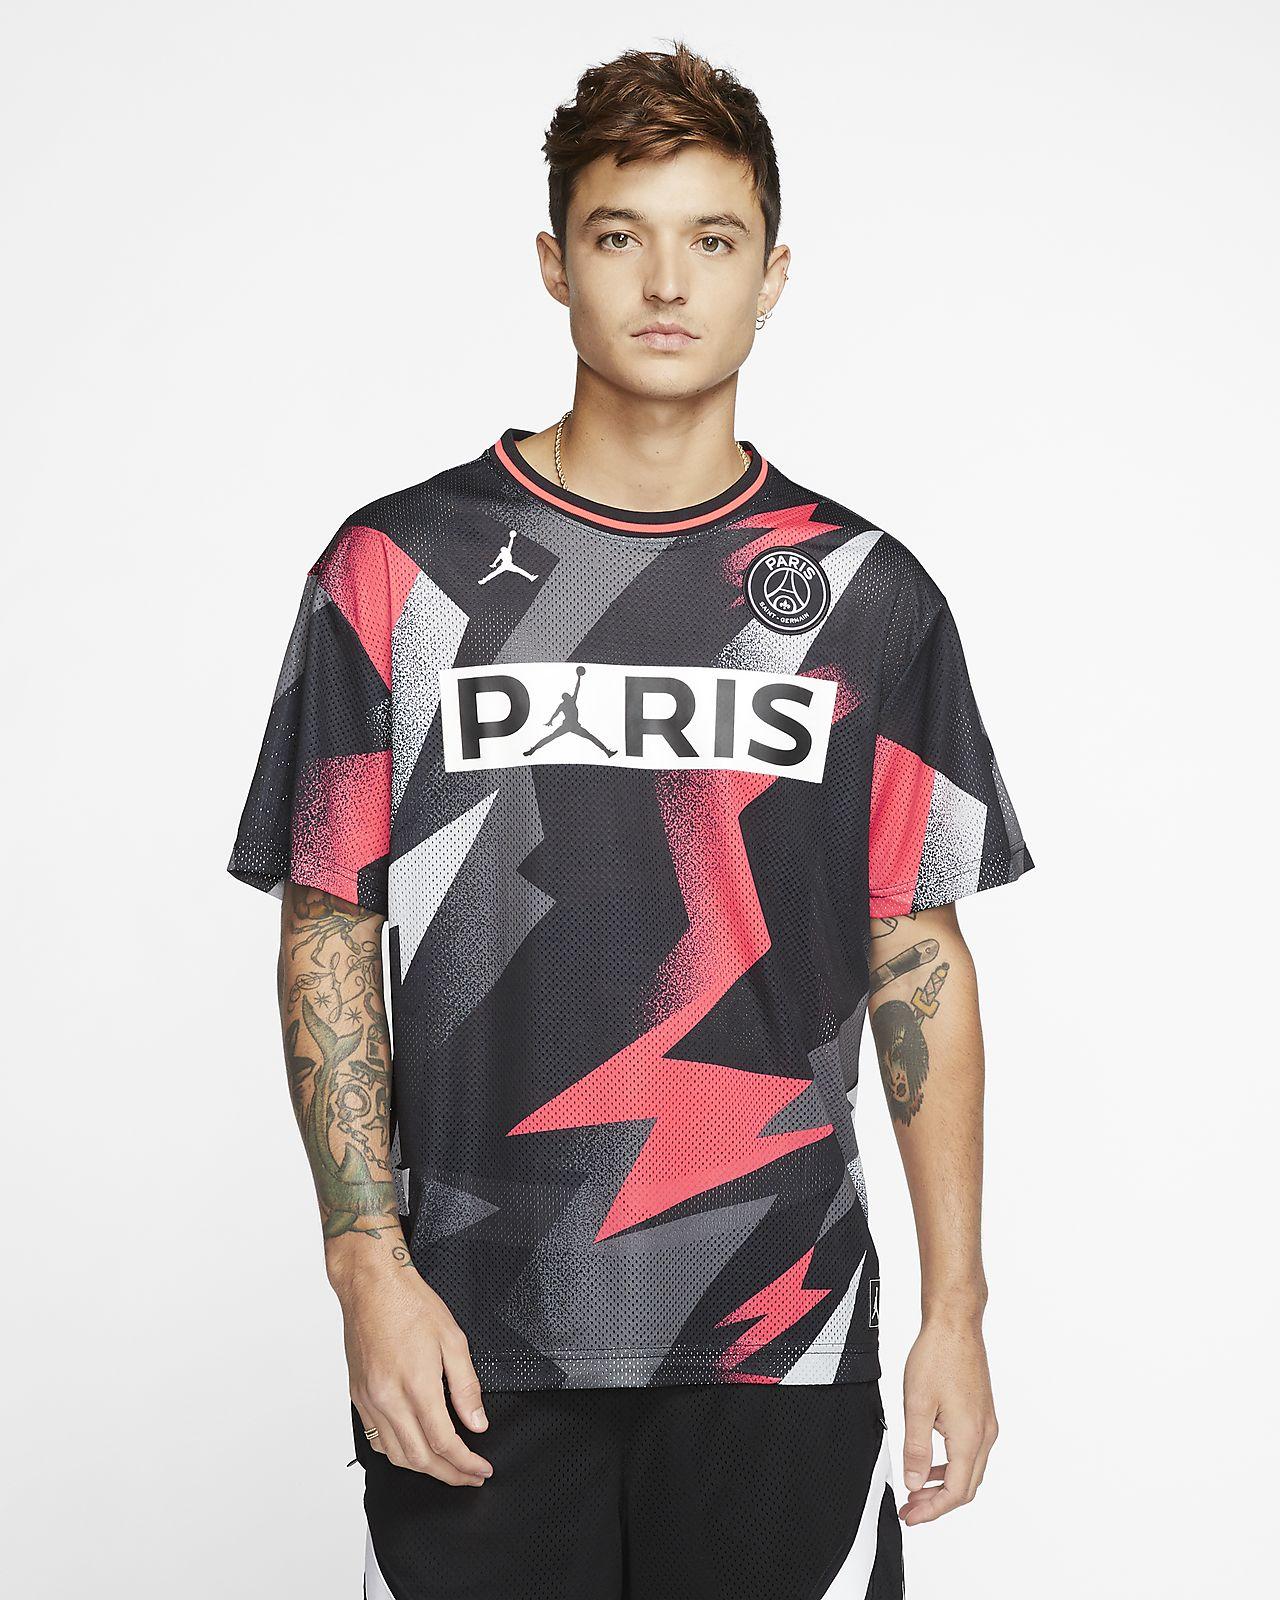 PSG Camiseta de malla de manga corta - Hombre